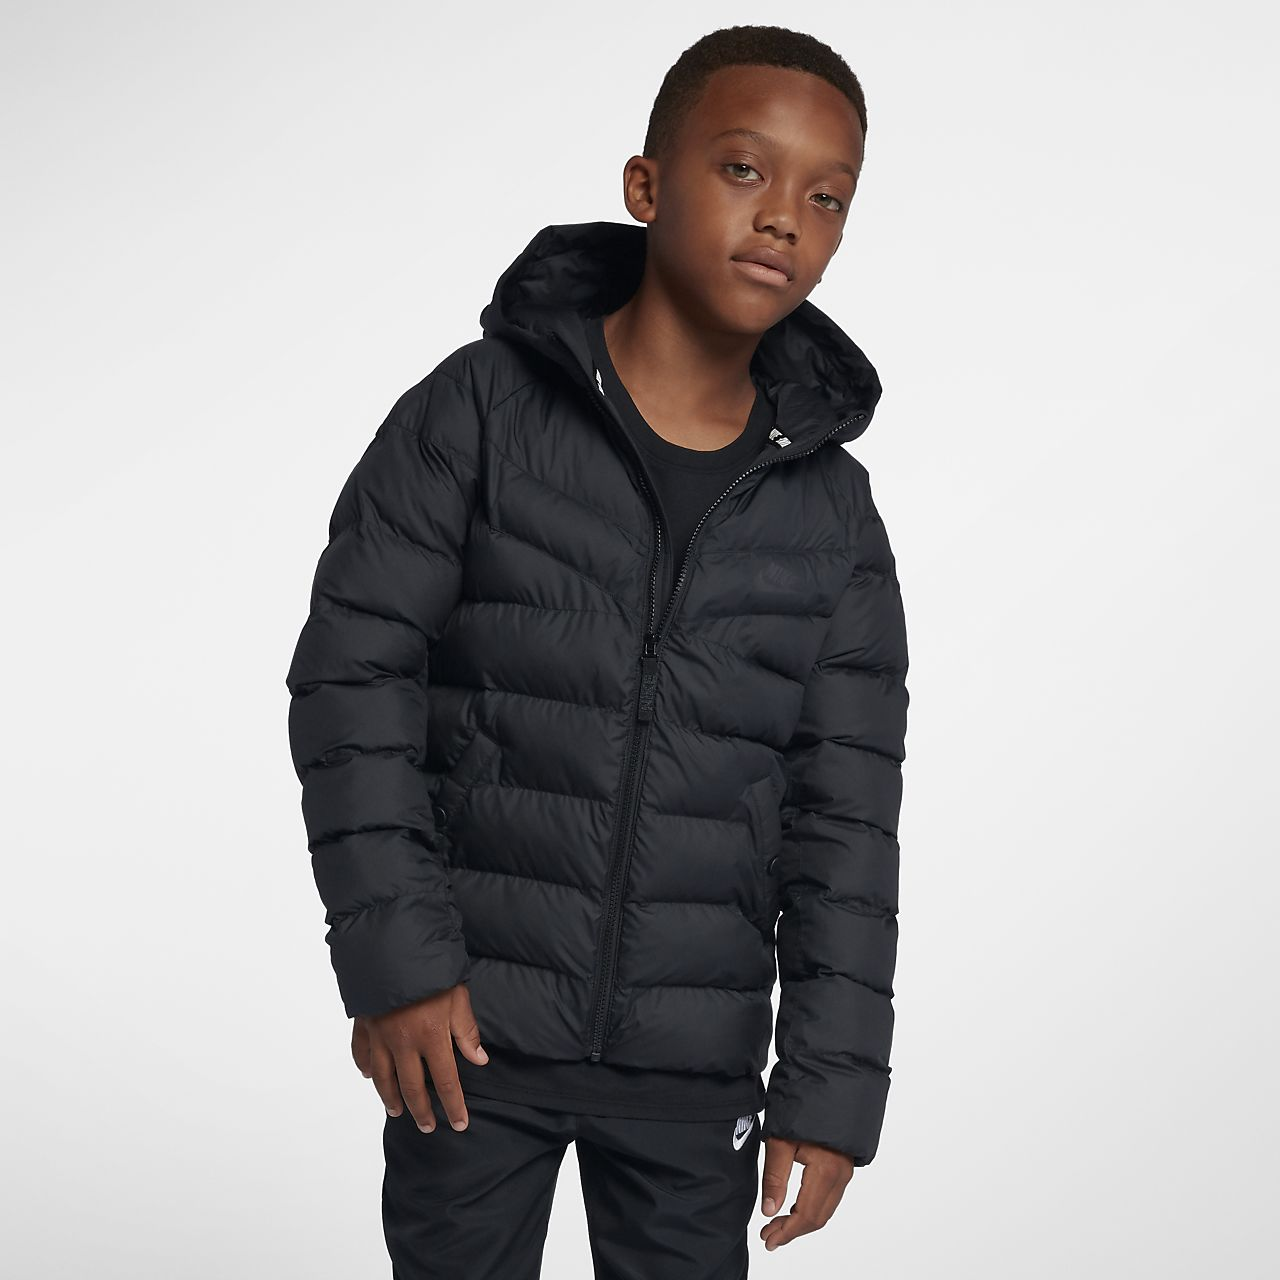 Nike Sportswear szintetikus töltésű kabát nagyobb gyerekeknek